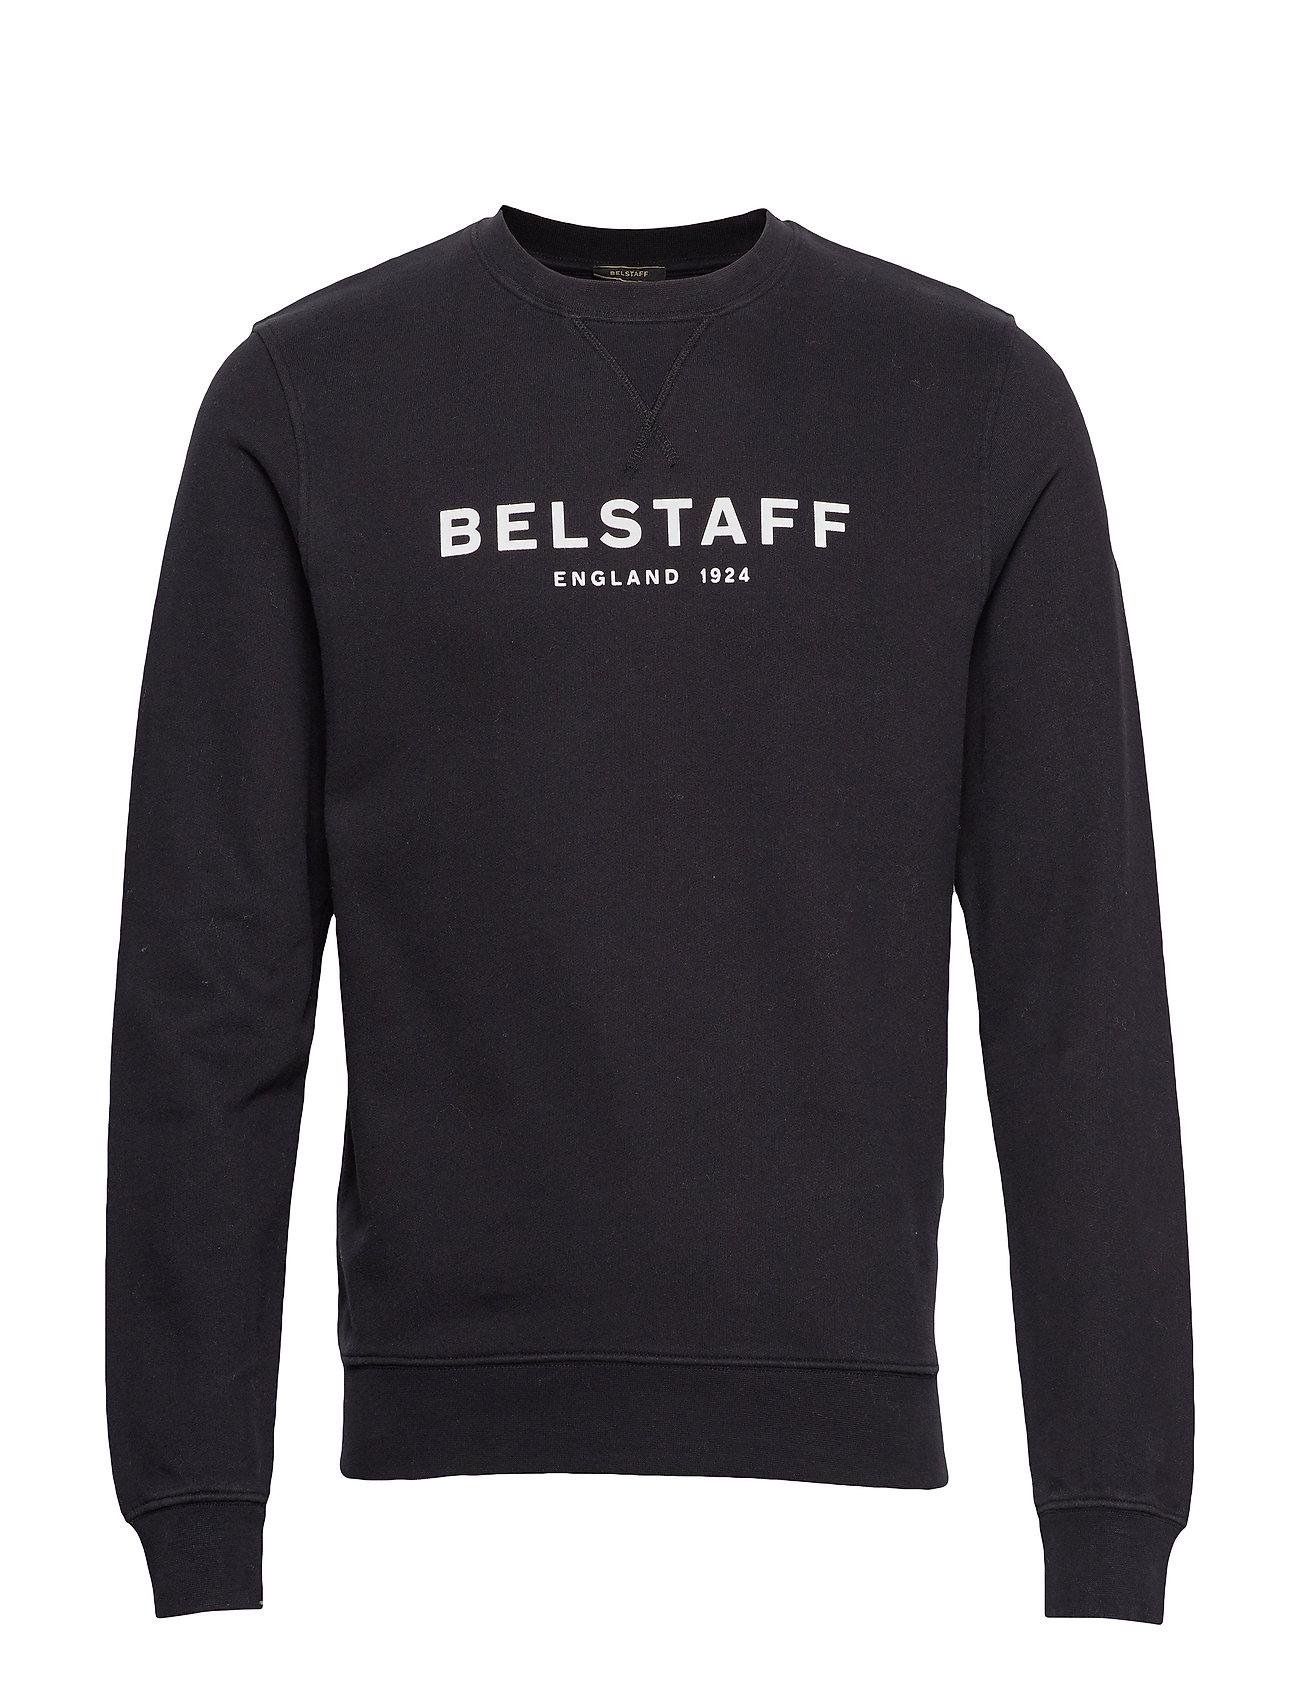 Belstaff BELSTAFF 1924 SWEATSHIRT - BLACK